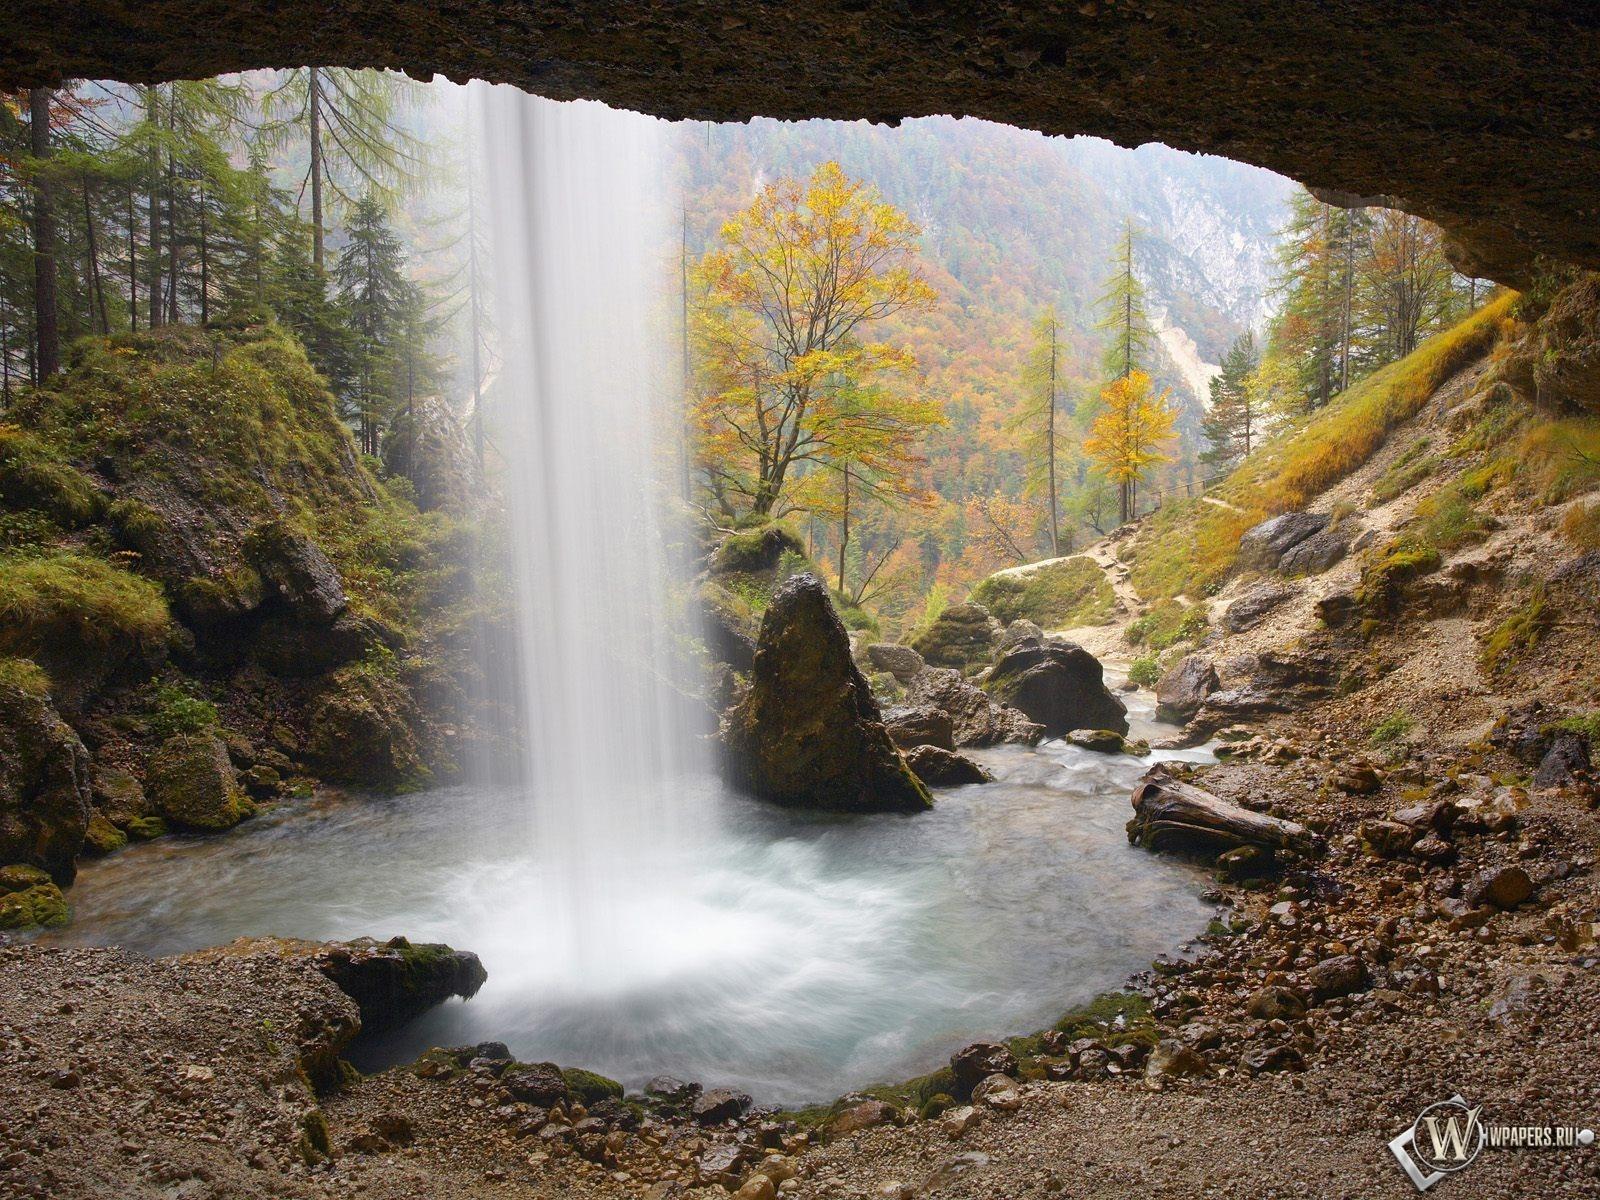 За водопадом 1600x1200